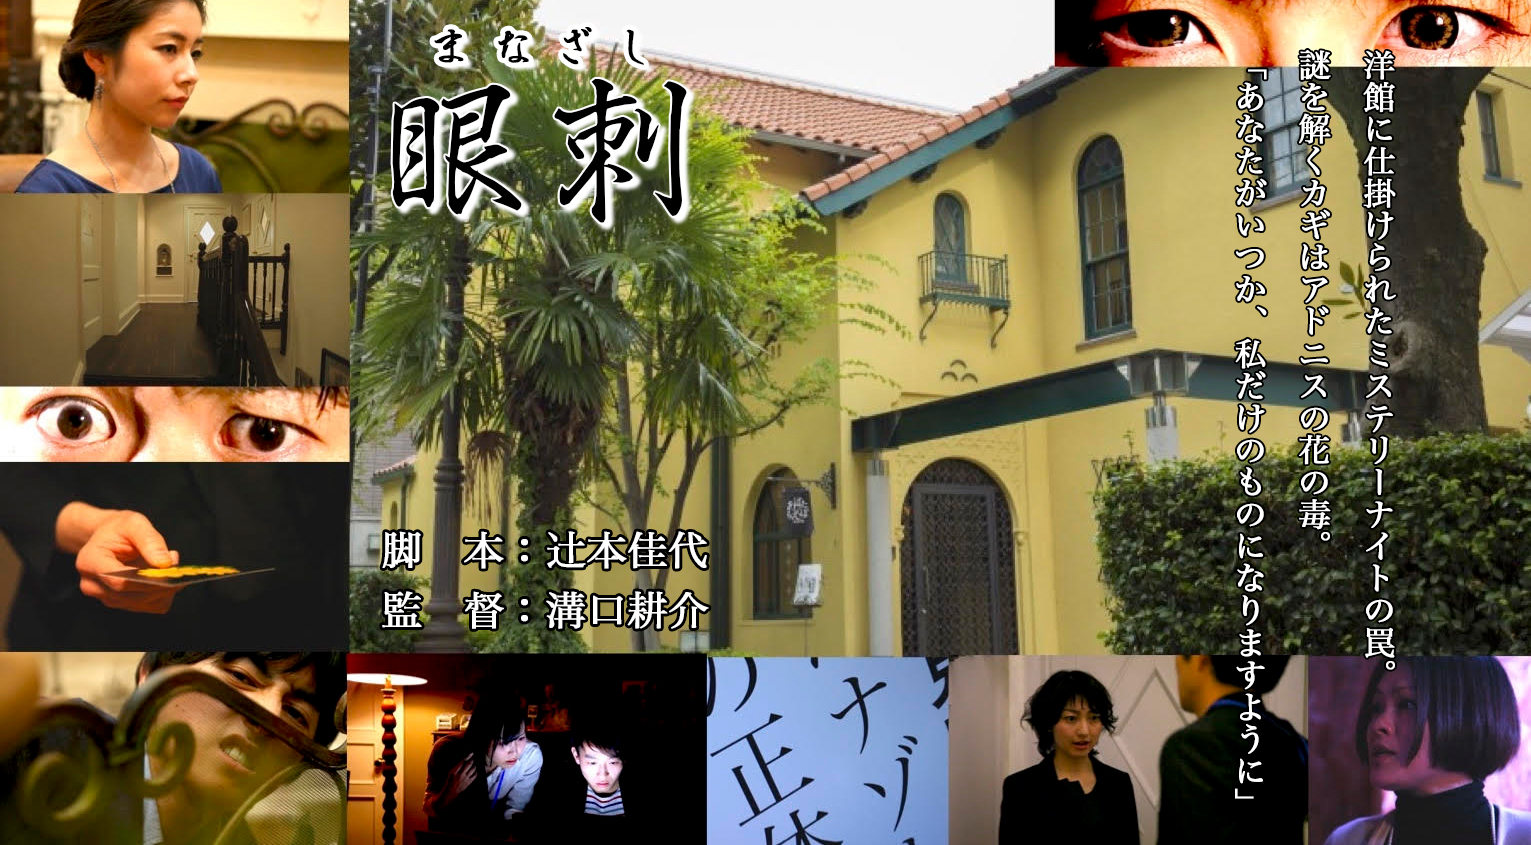 【10名出演】『映』~ei~Vol,1 映画「眼刺」完成披露試写会